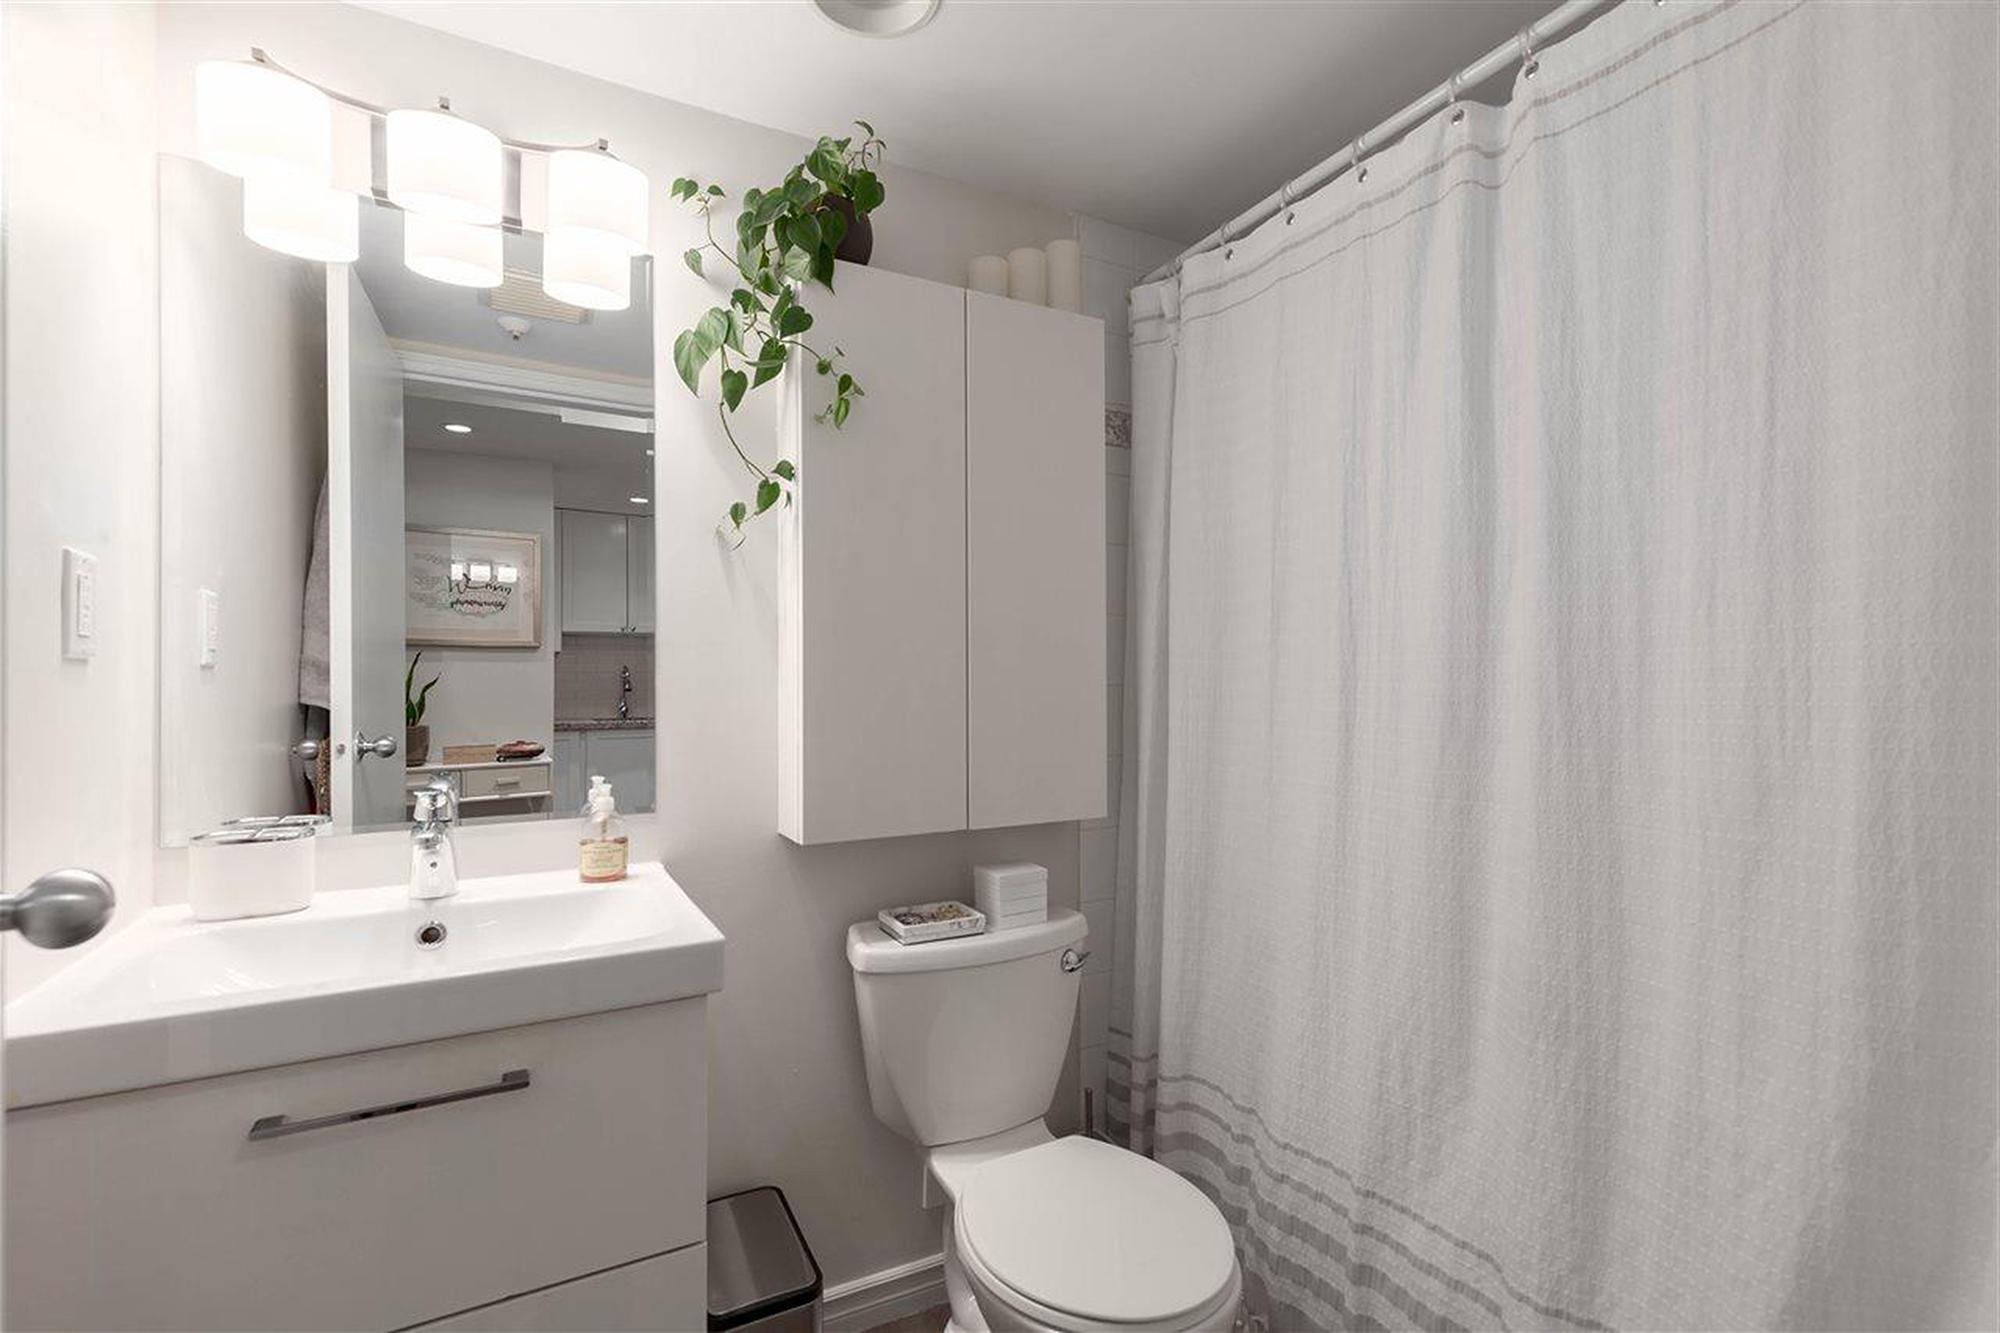 78㎡简约两居室卫生间装修效果图